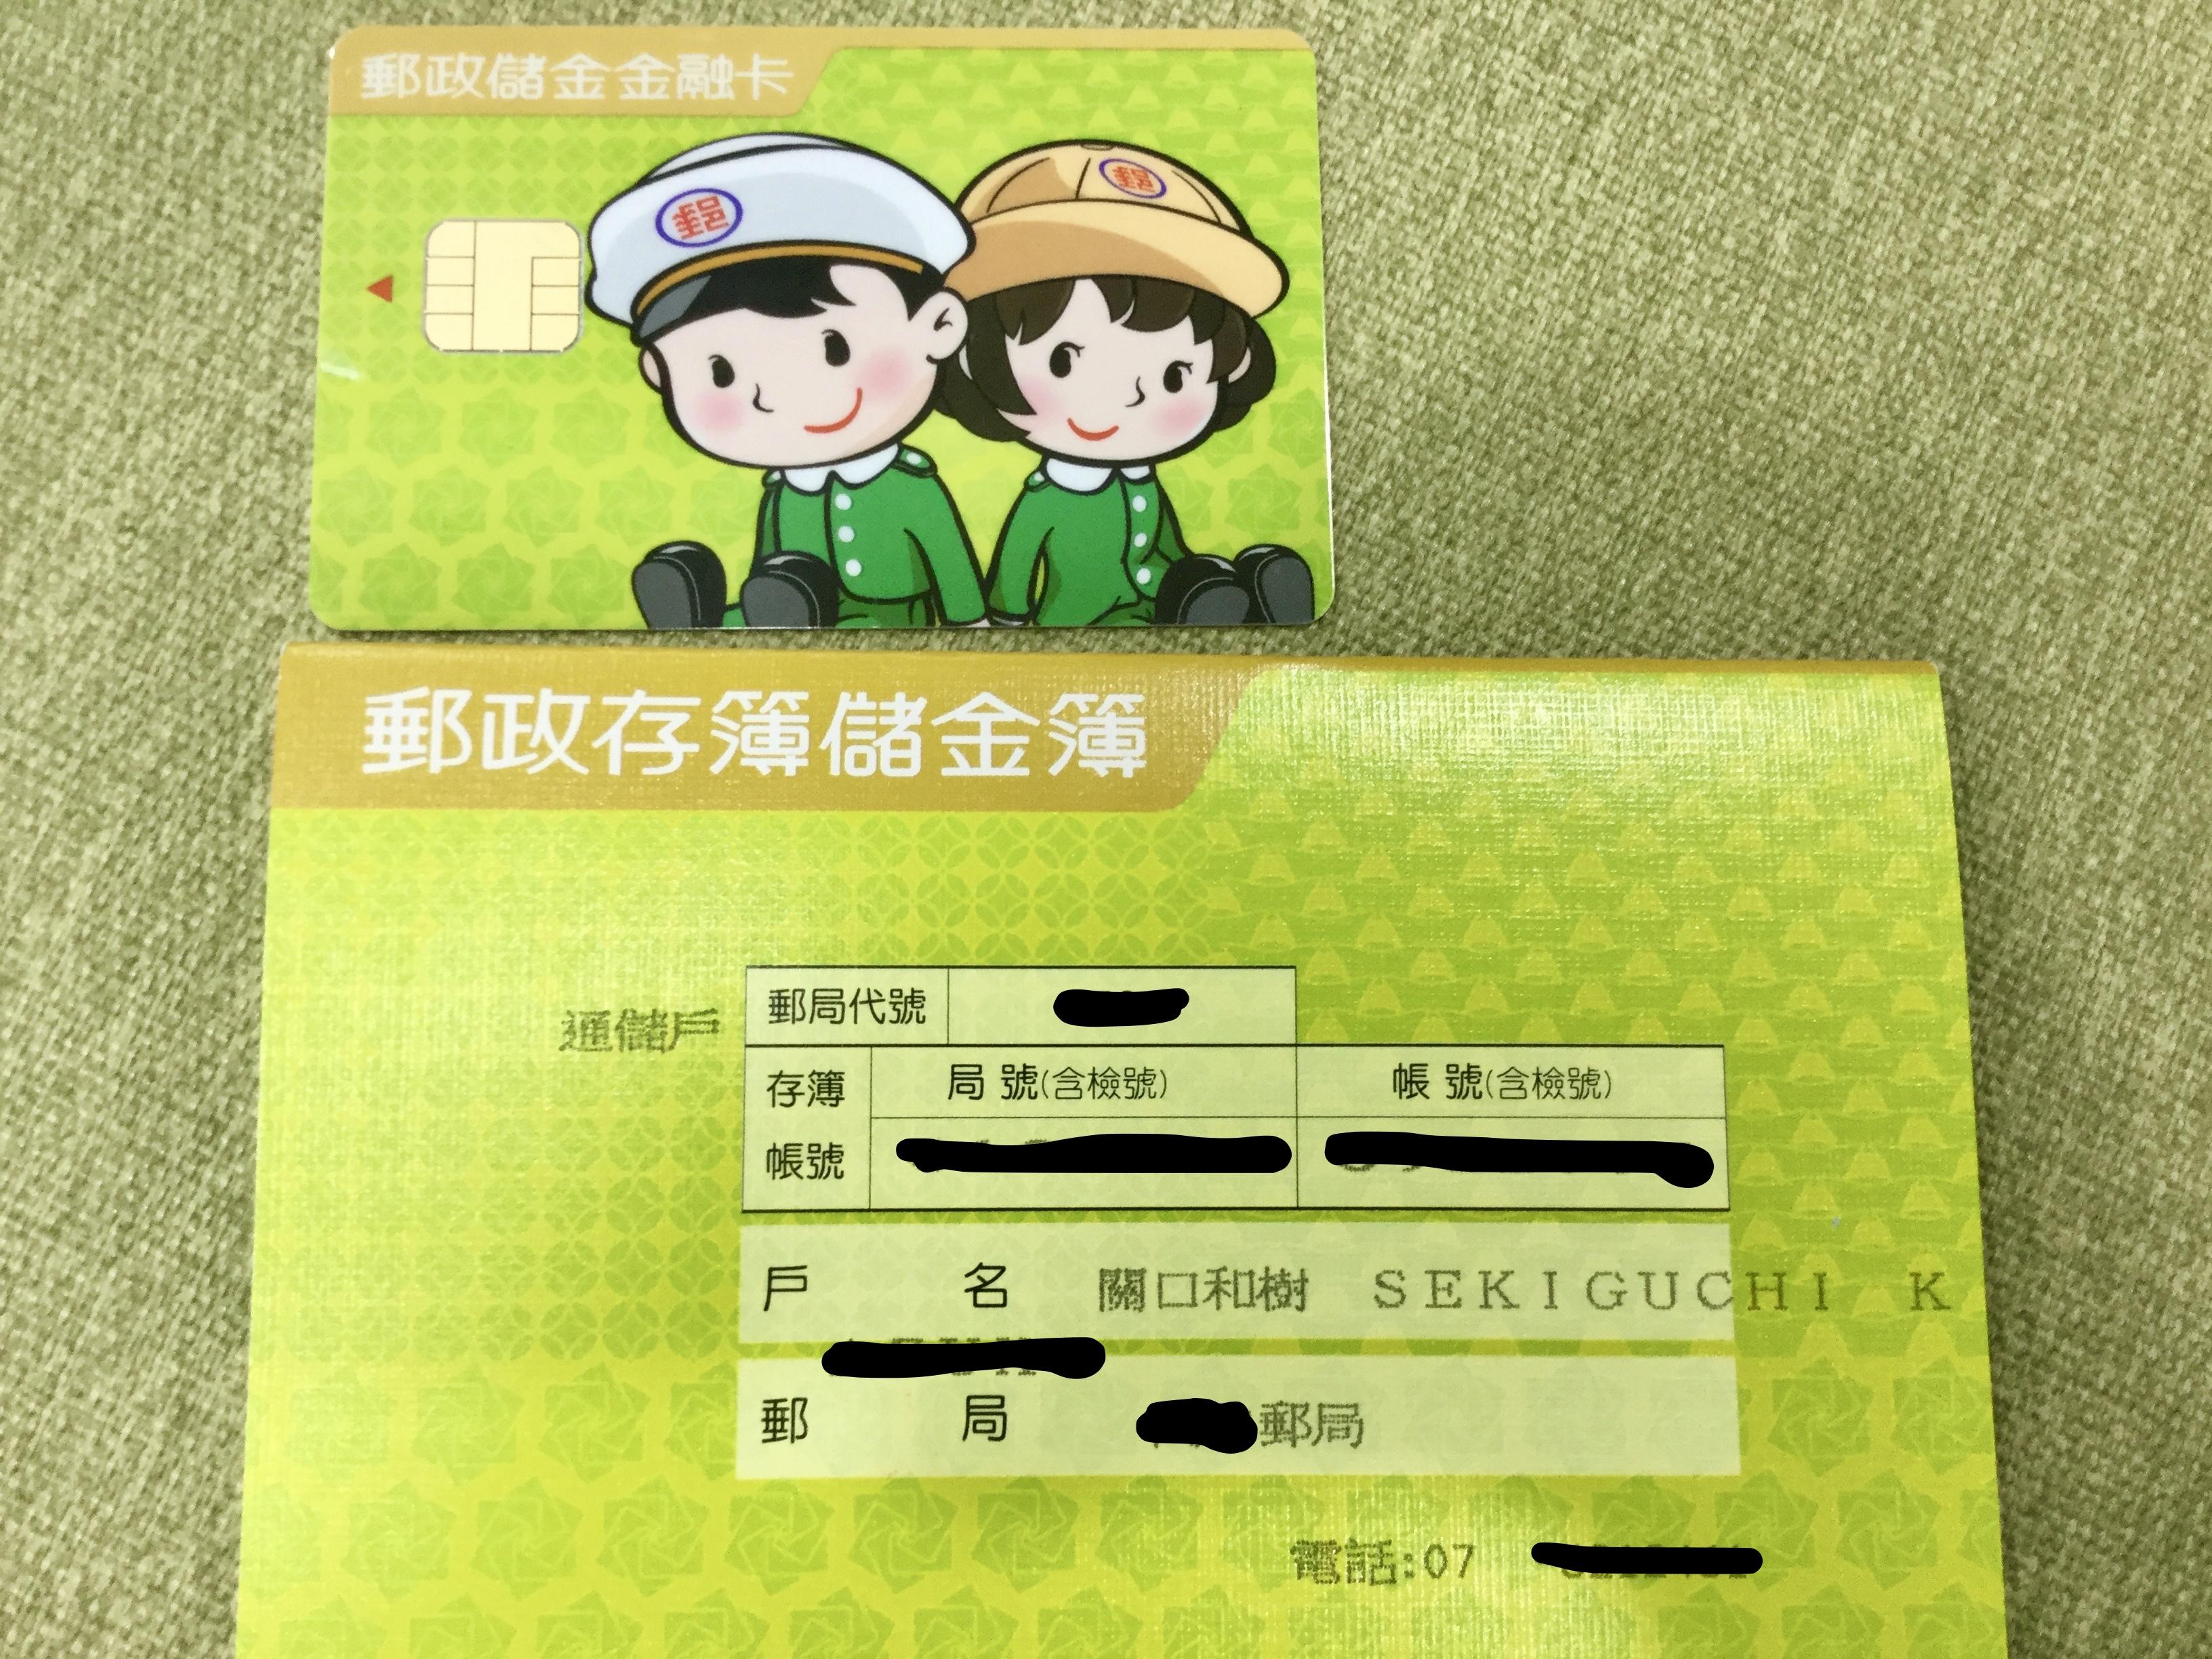 台湾 郵便局 口座開設 かんたん!中華郵政/用紙記入の方法を解説